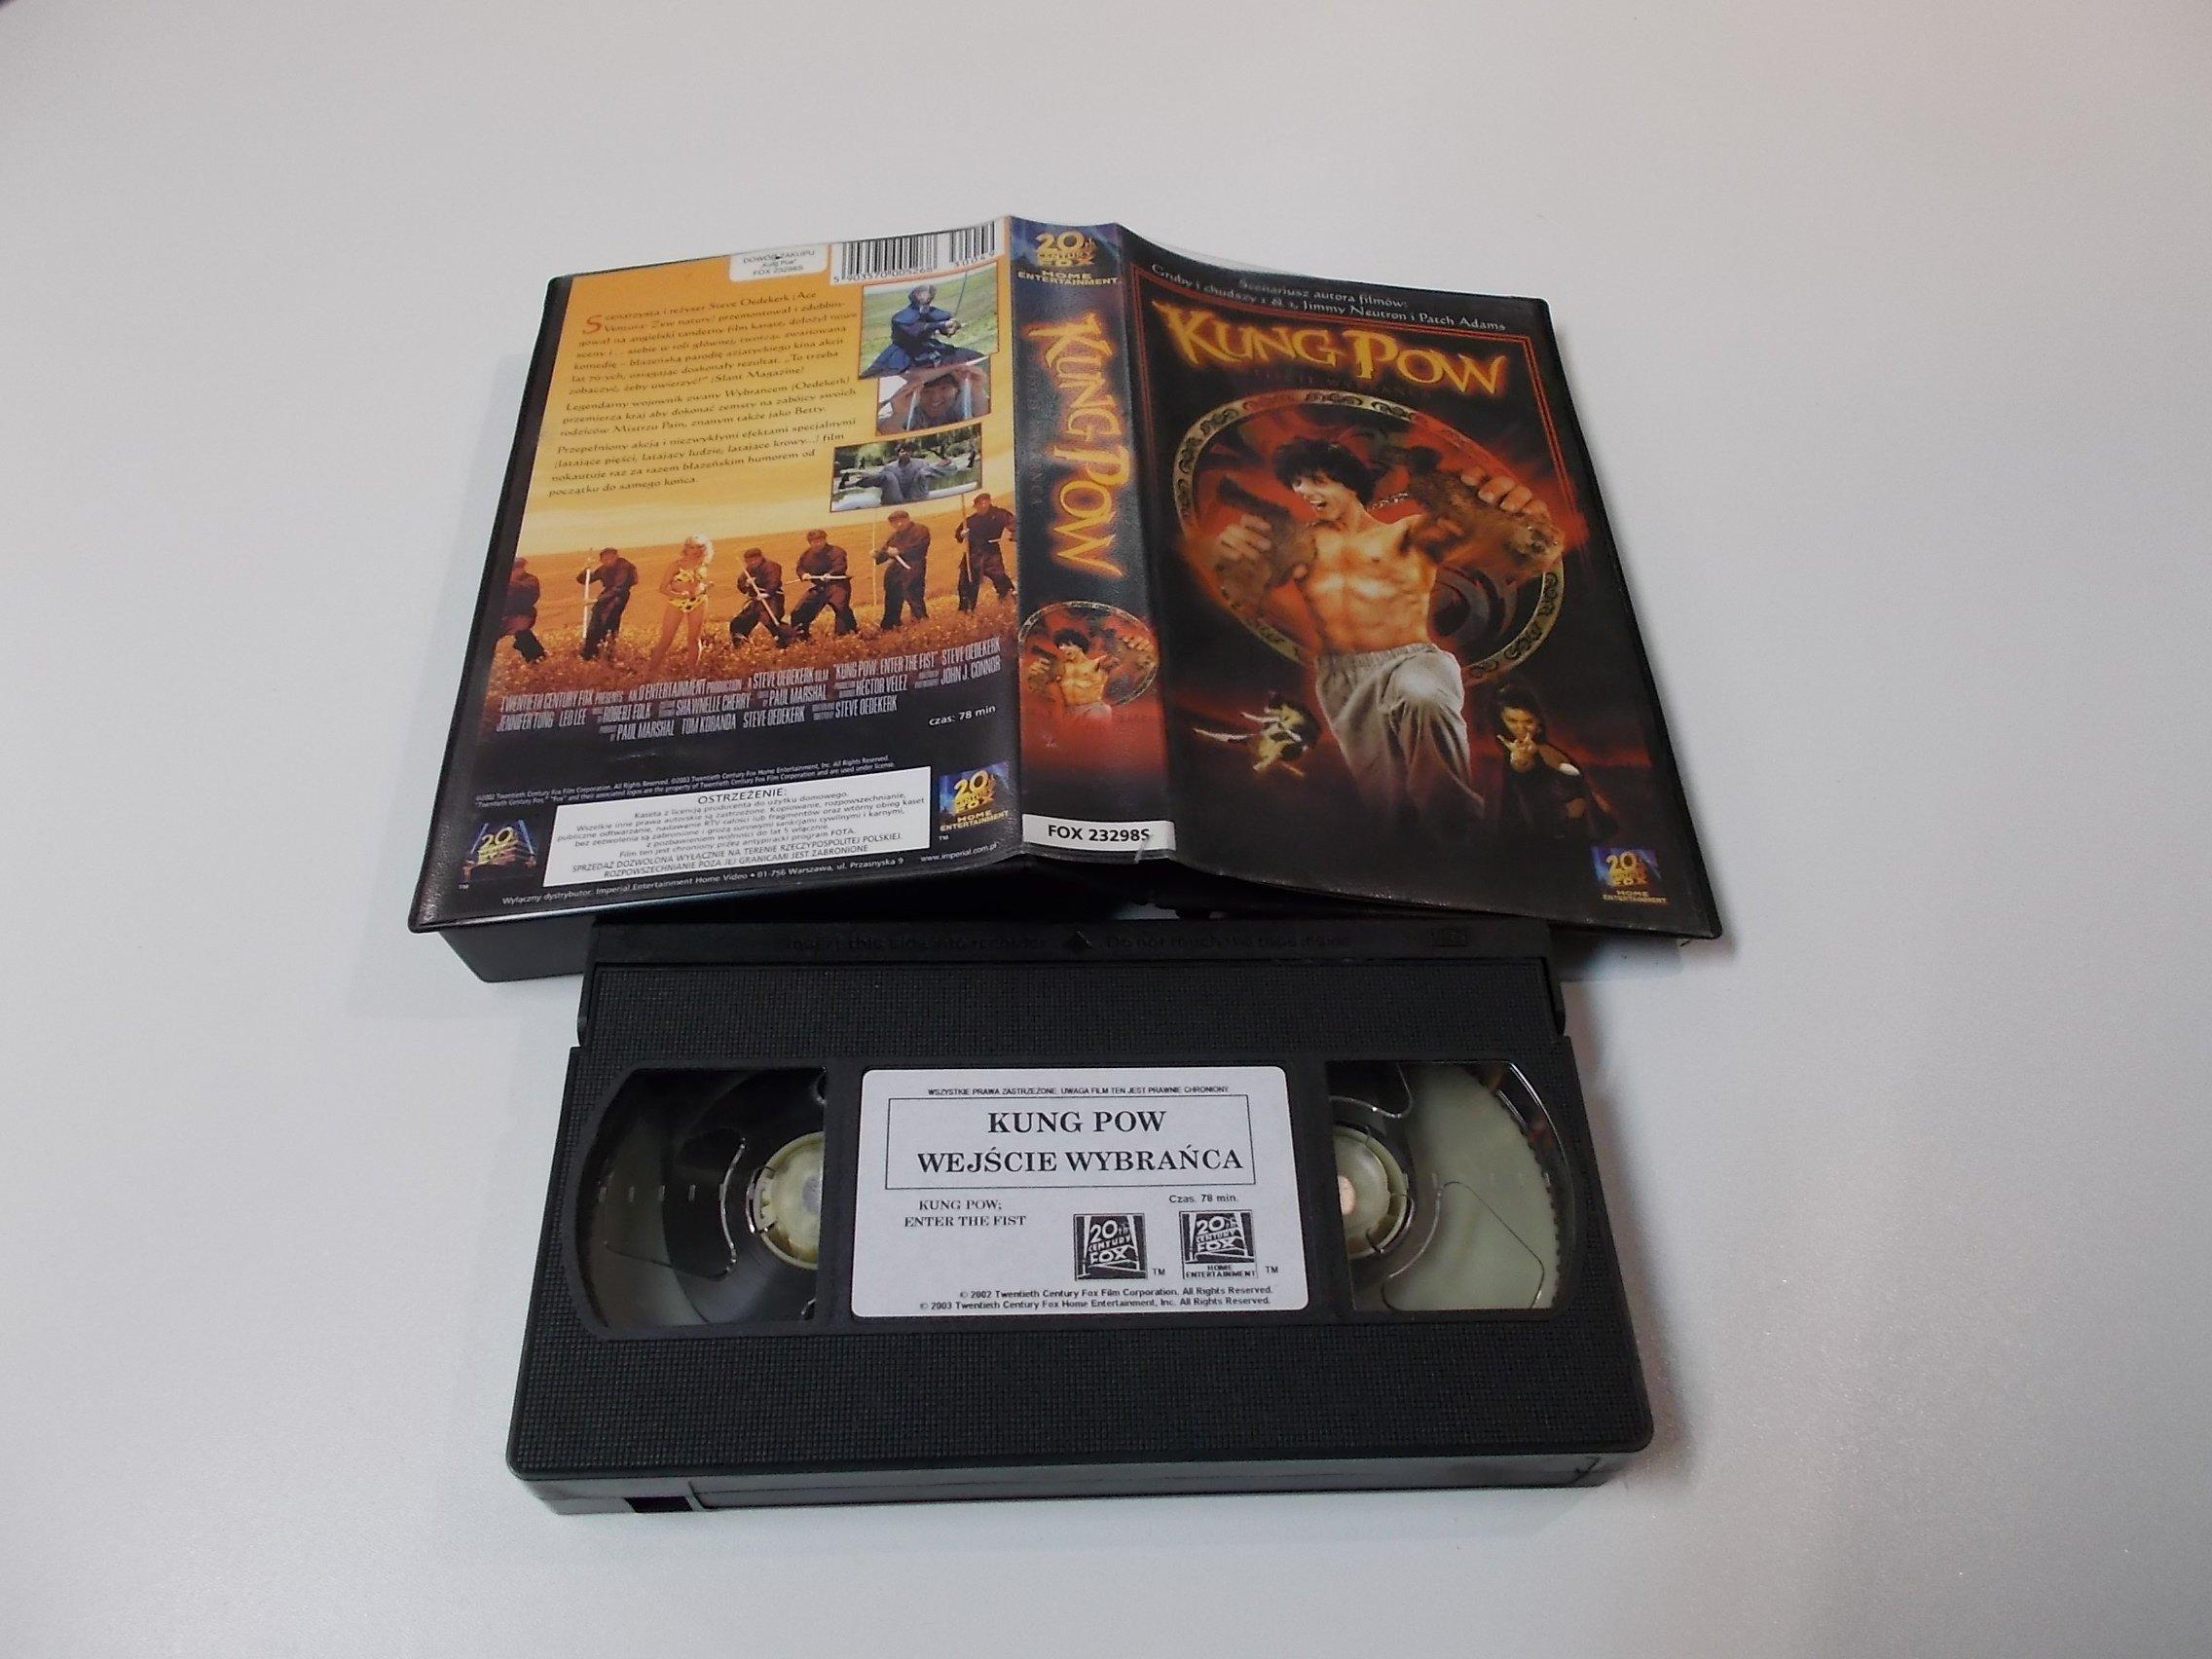 KUNG POW WEJŚCIE WYBRAŃCA - VHS Kaseta Video - Opole 1626